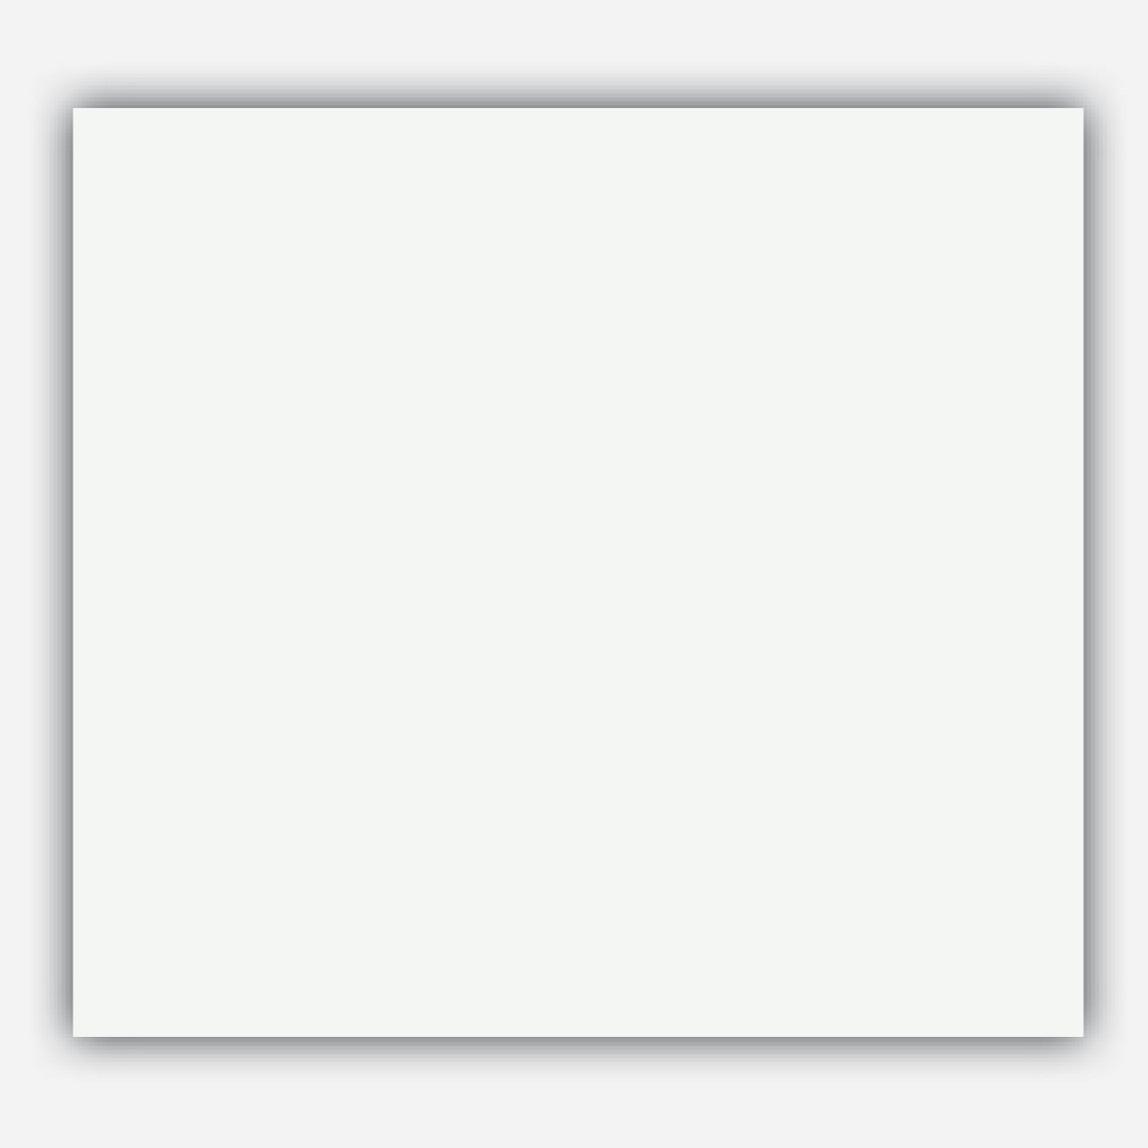 595X595X8Mm Düz Beyaz At 154 Asma Tavan Paneli